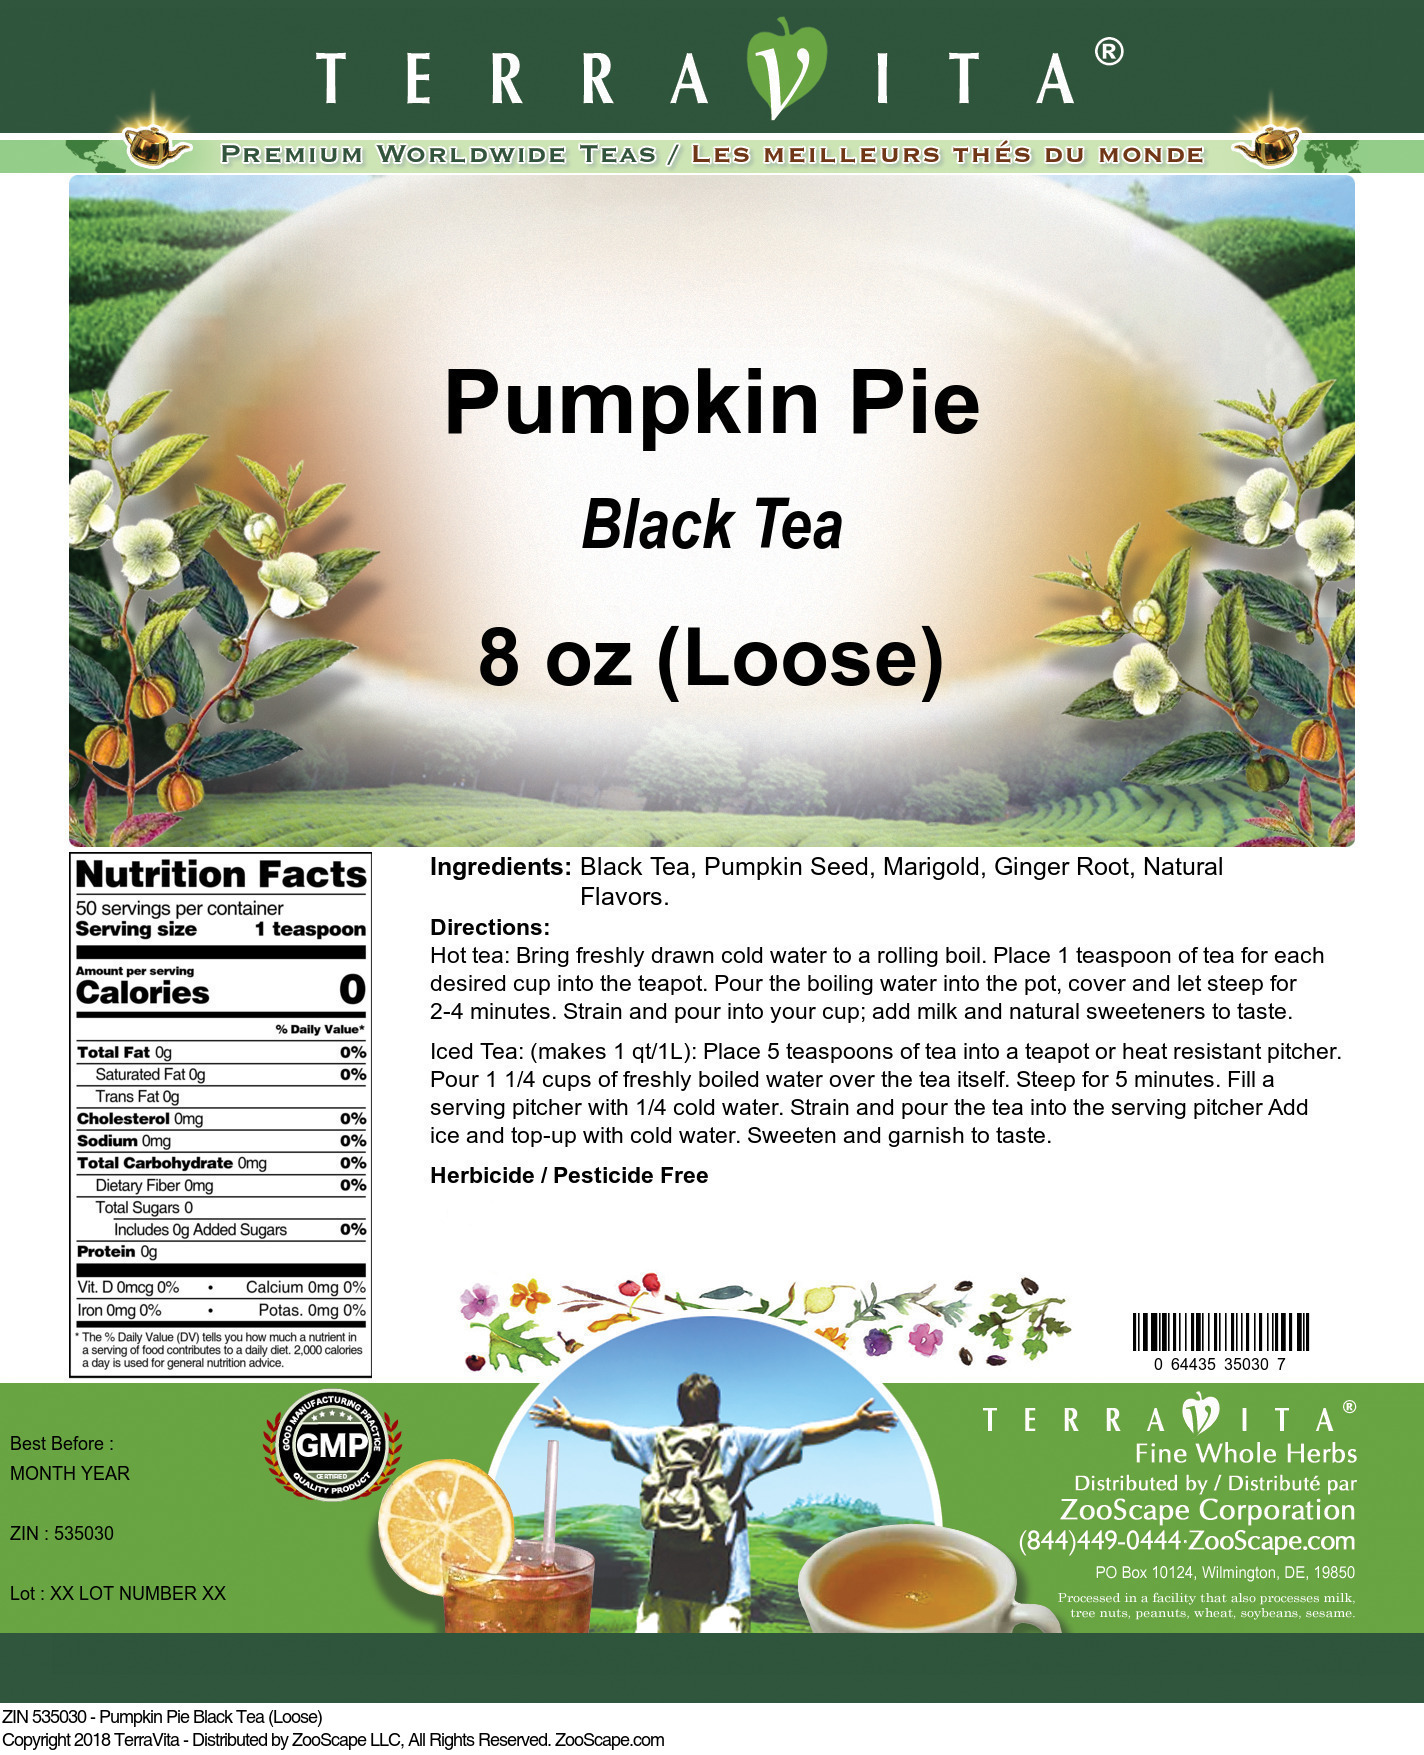 Pumpkin Pie Black Tea (Loose)